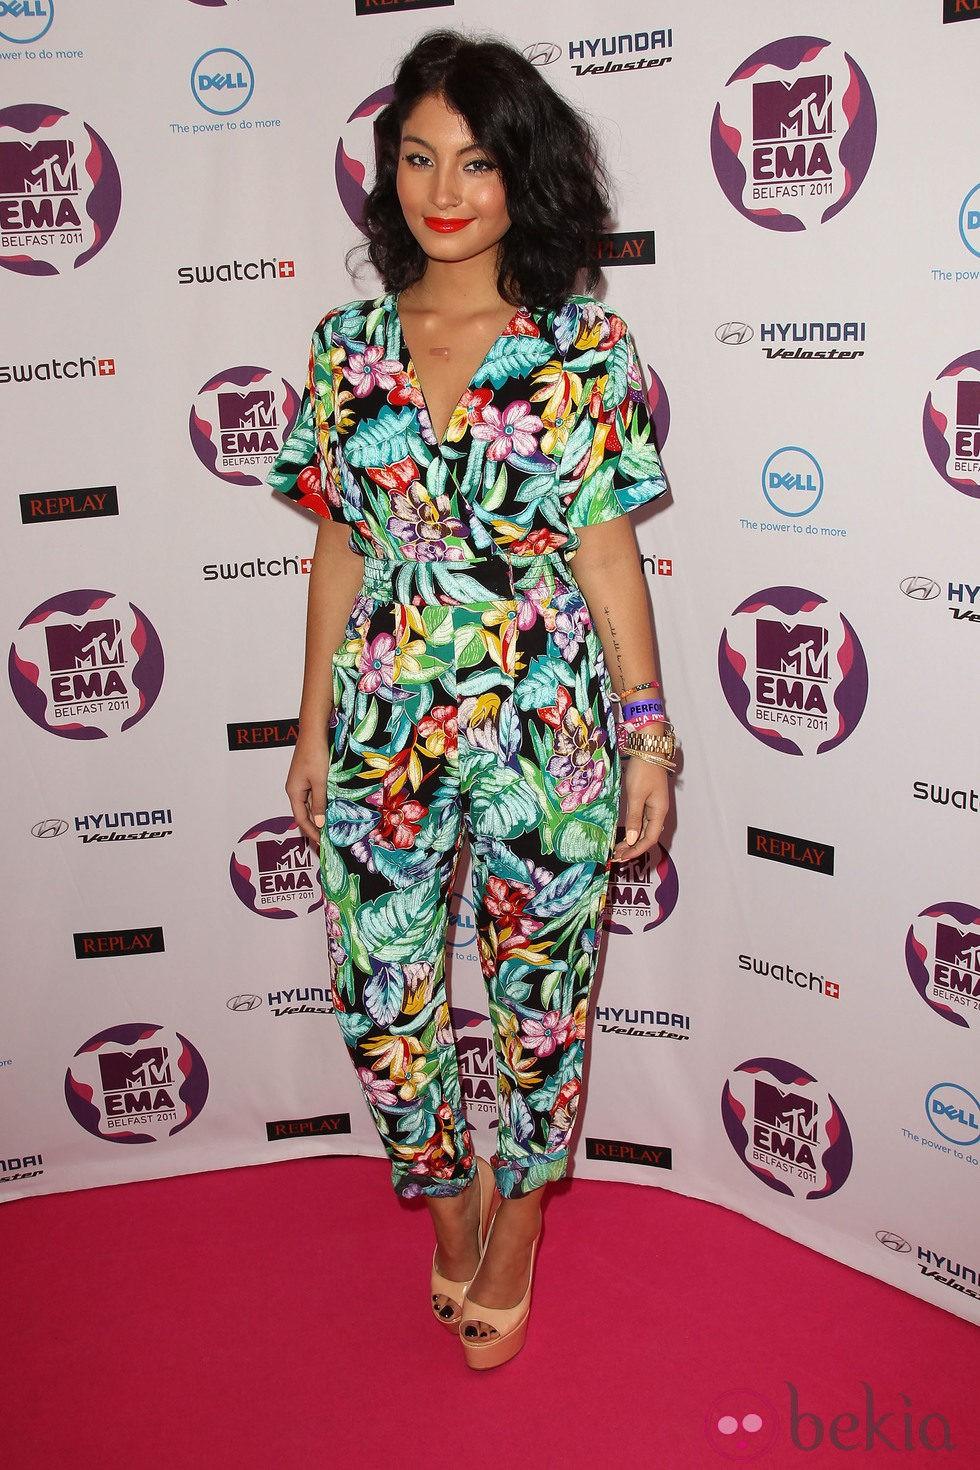 Peinado de Yasmin con melena despeinada en los MTV EMA 2011